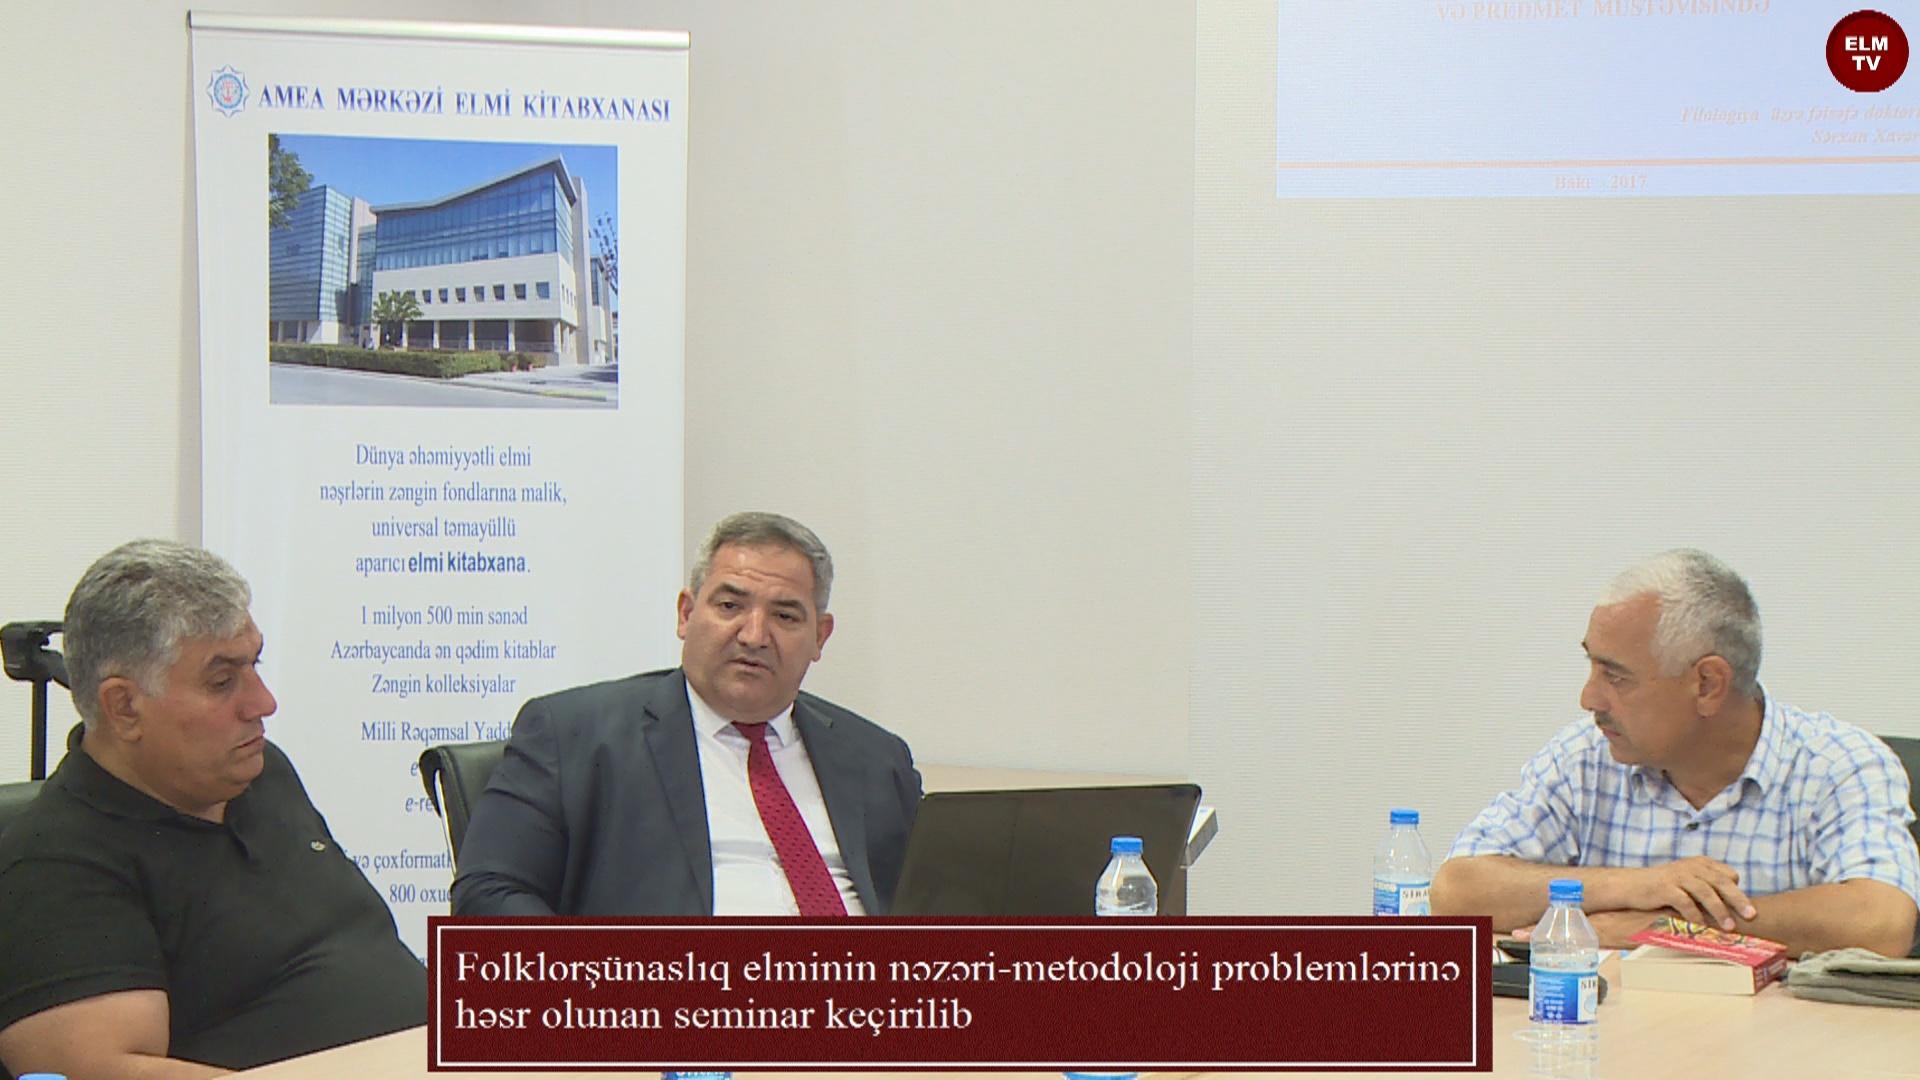 Folklorşünaslıq elminin nəzəri-metodoloji problemlərinə həsr olunan seminar keçirilib